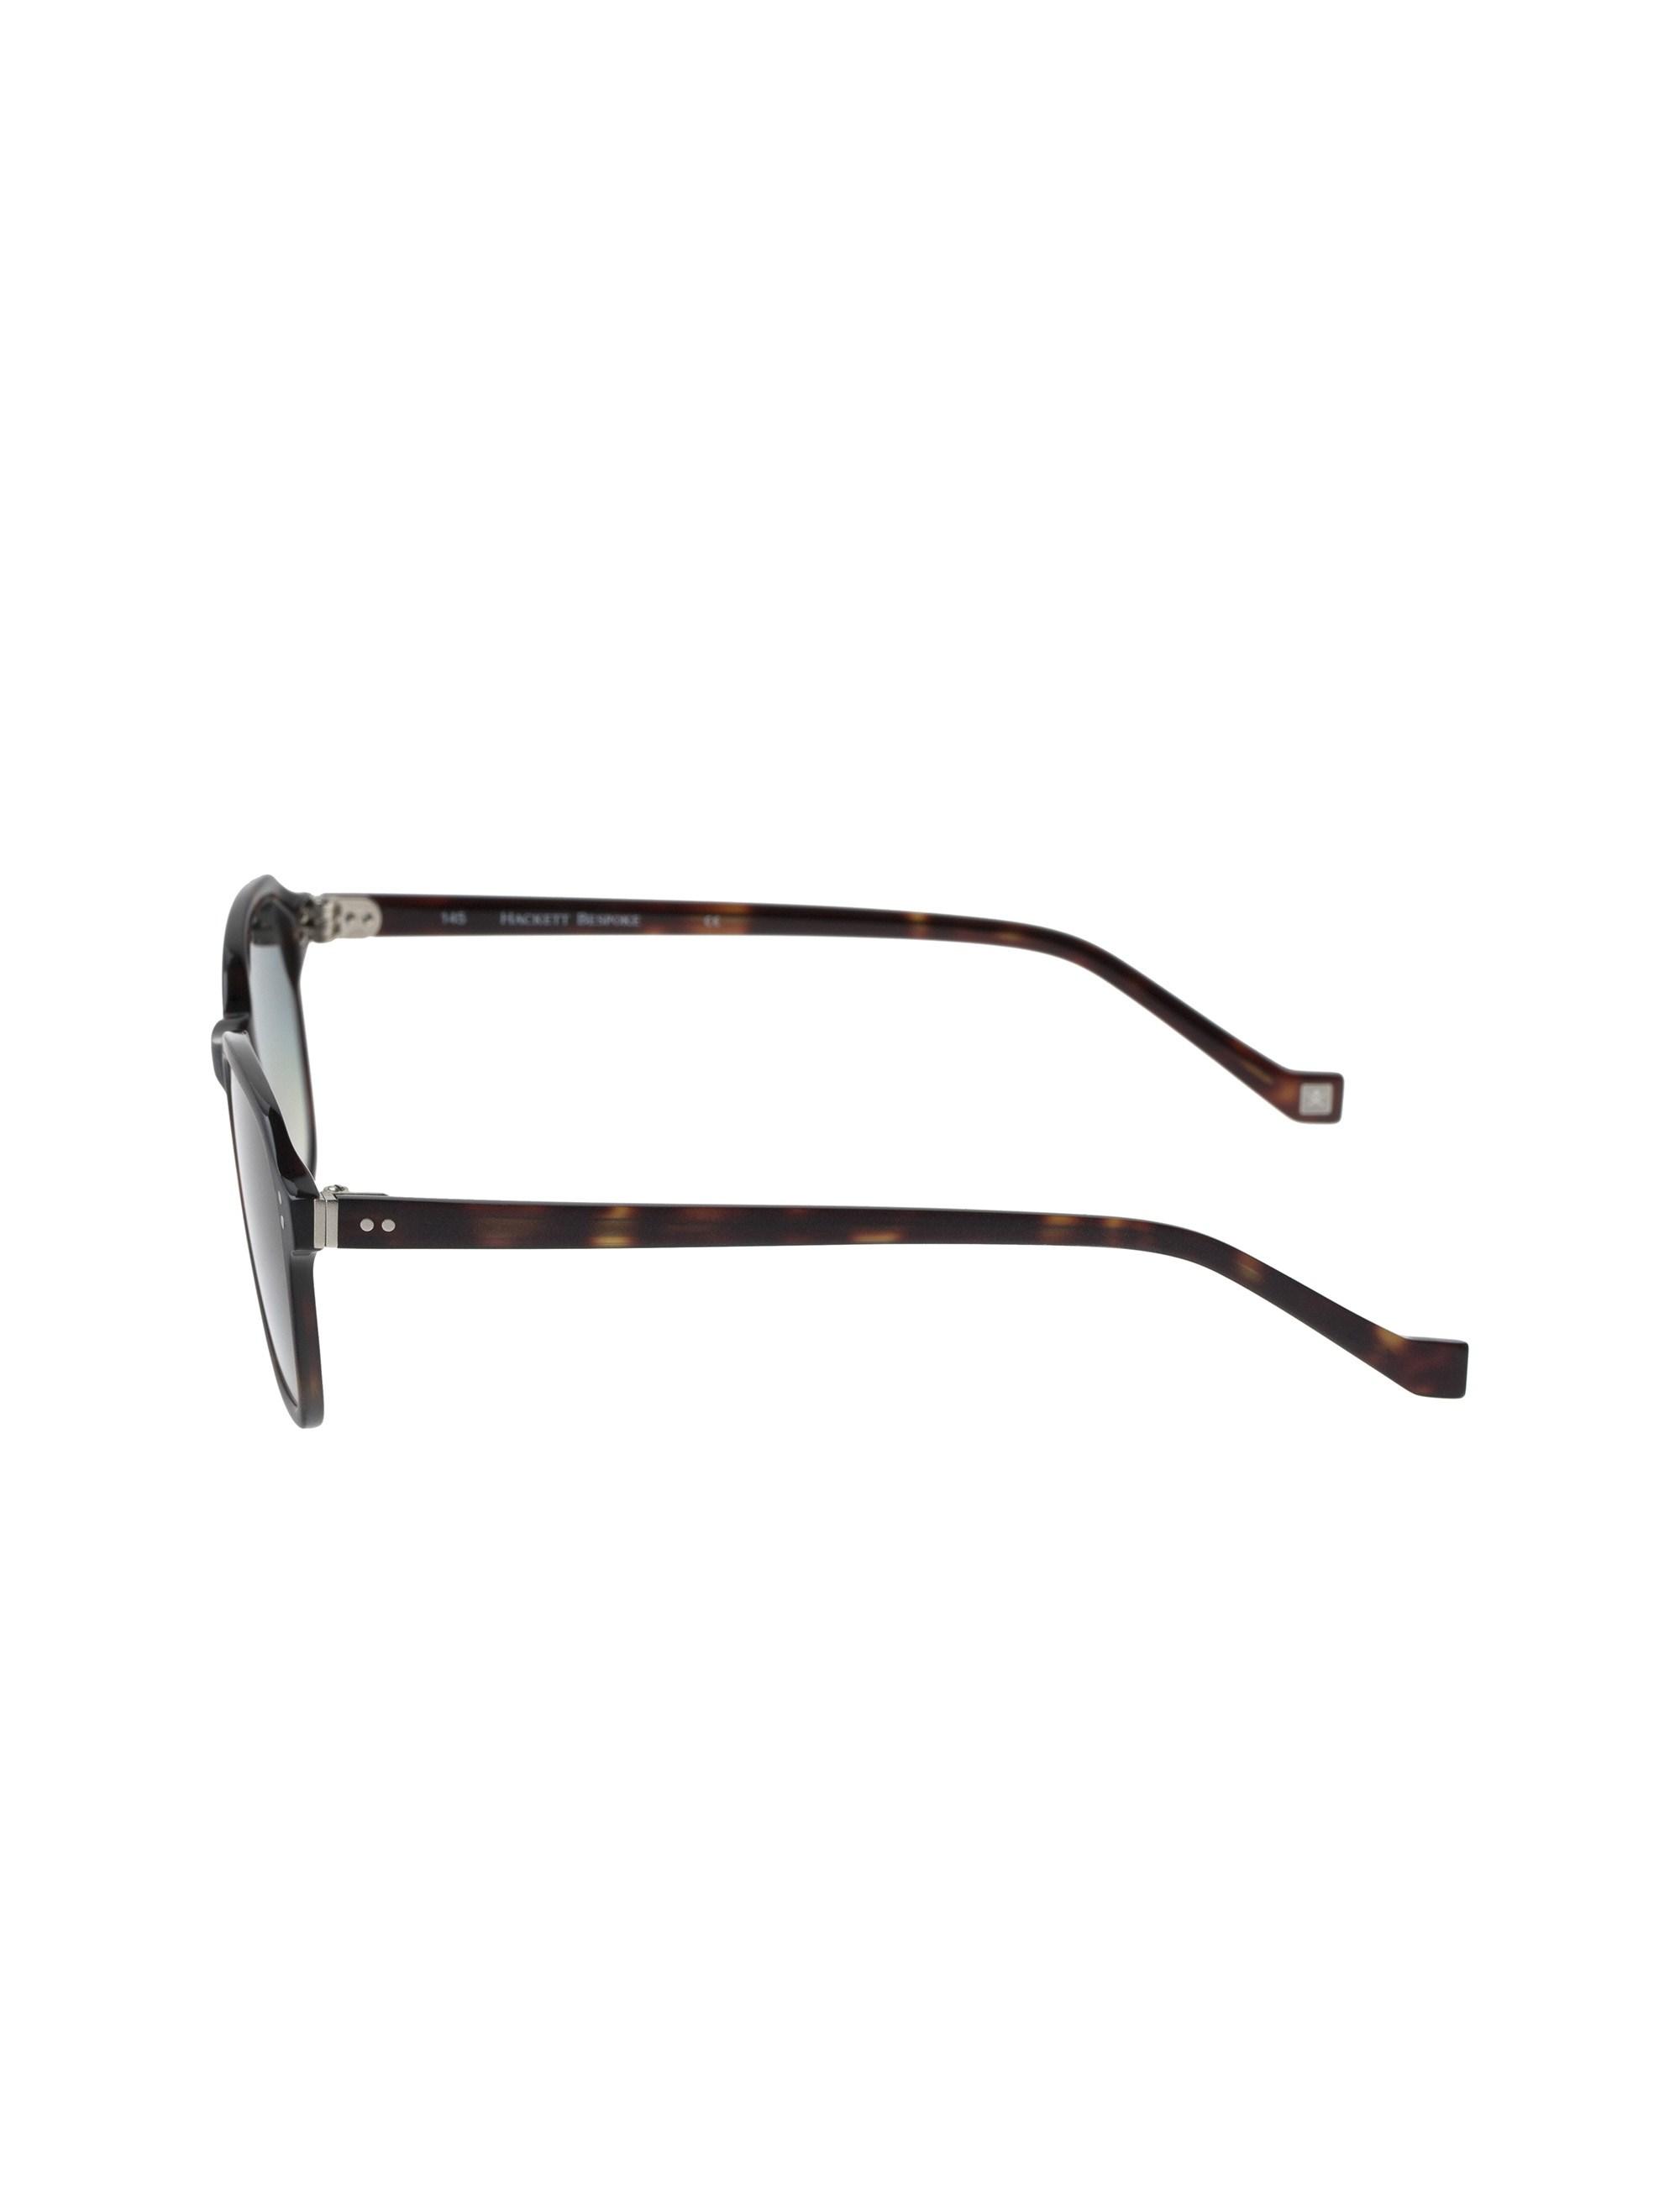 عینک آفتابی ویفرر مردانه - هکت - قهوه اي       - 3